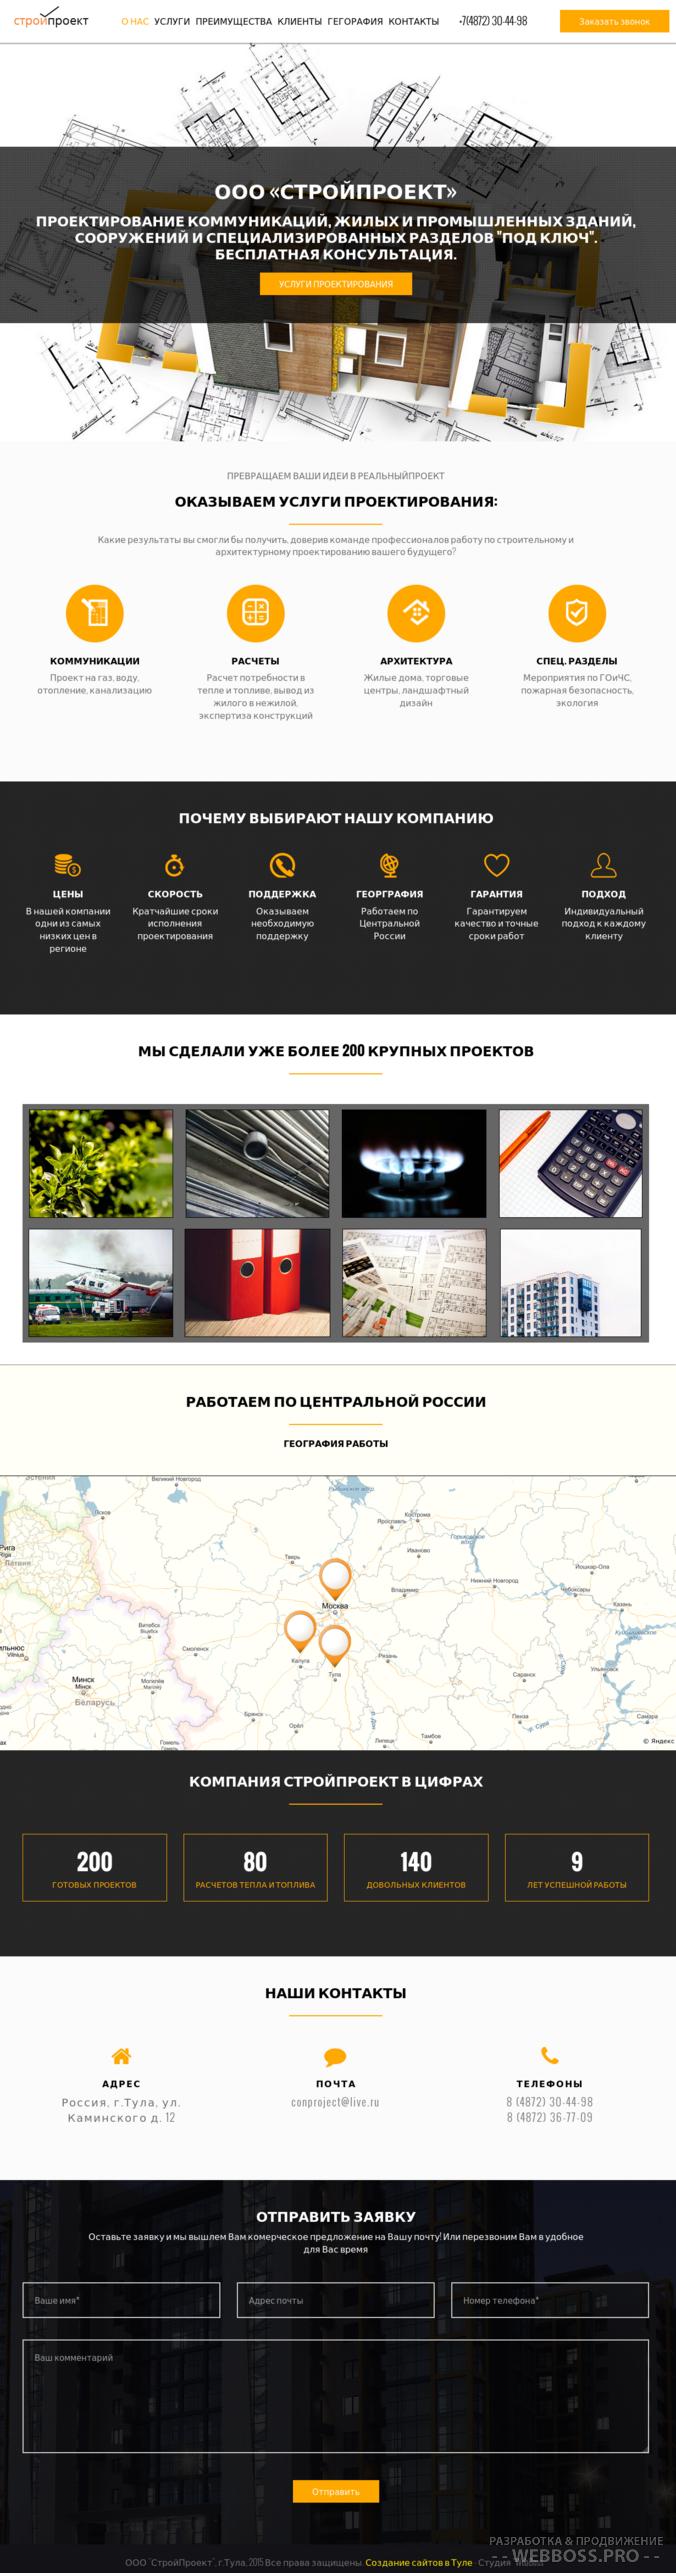 Создание сайта: Лэндинг для проектной организации (после)